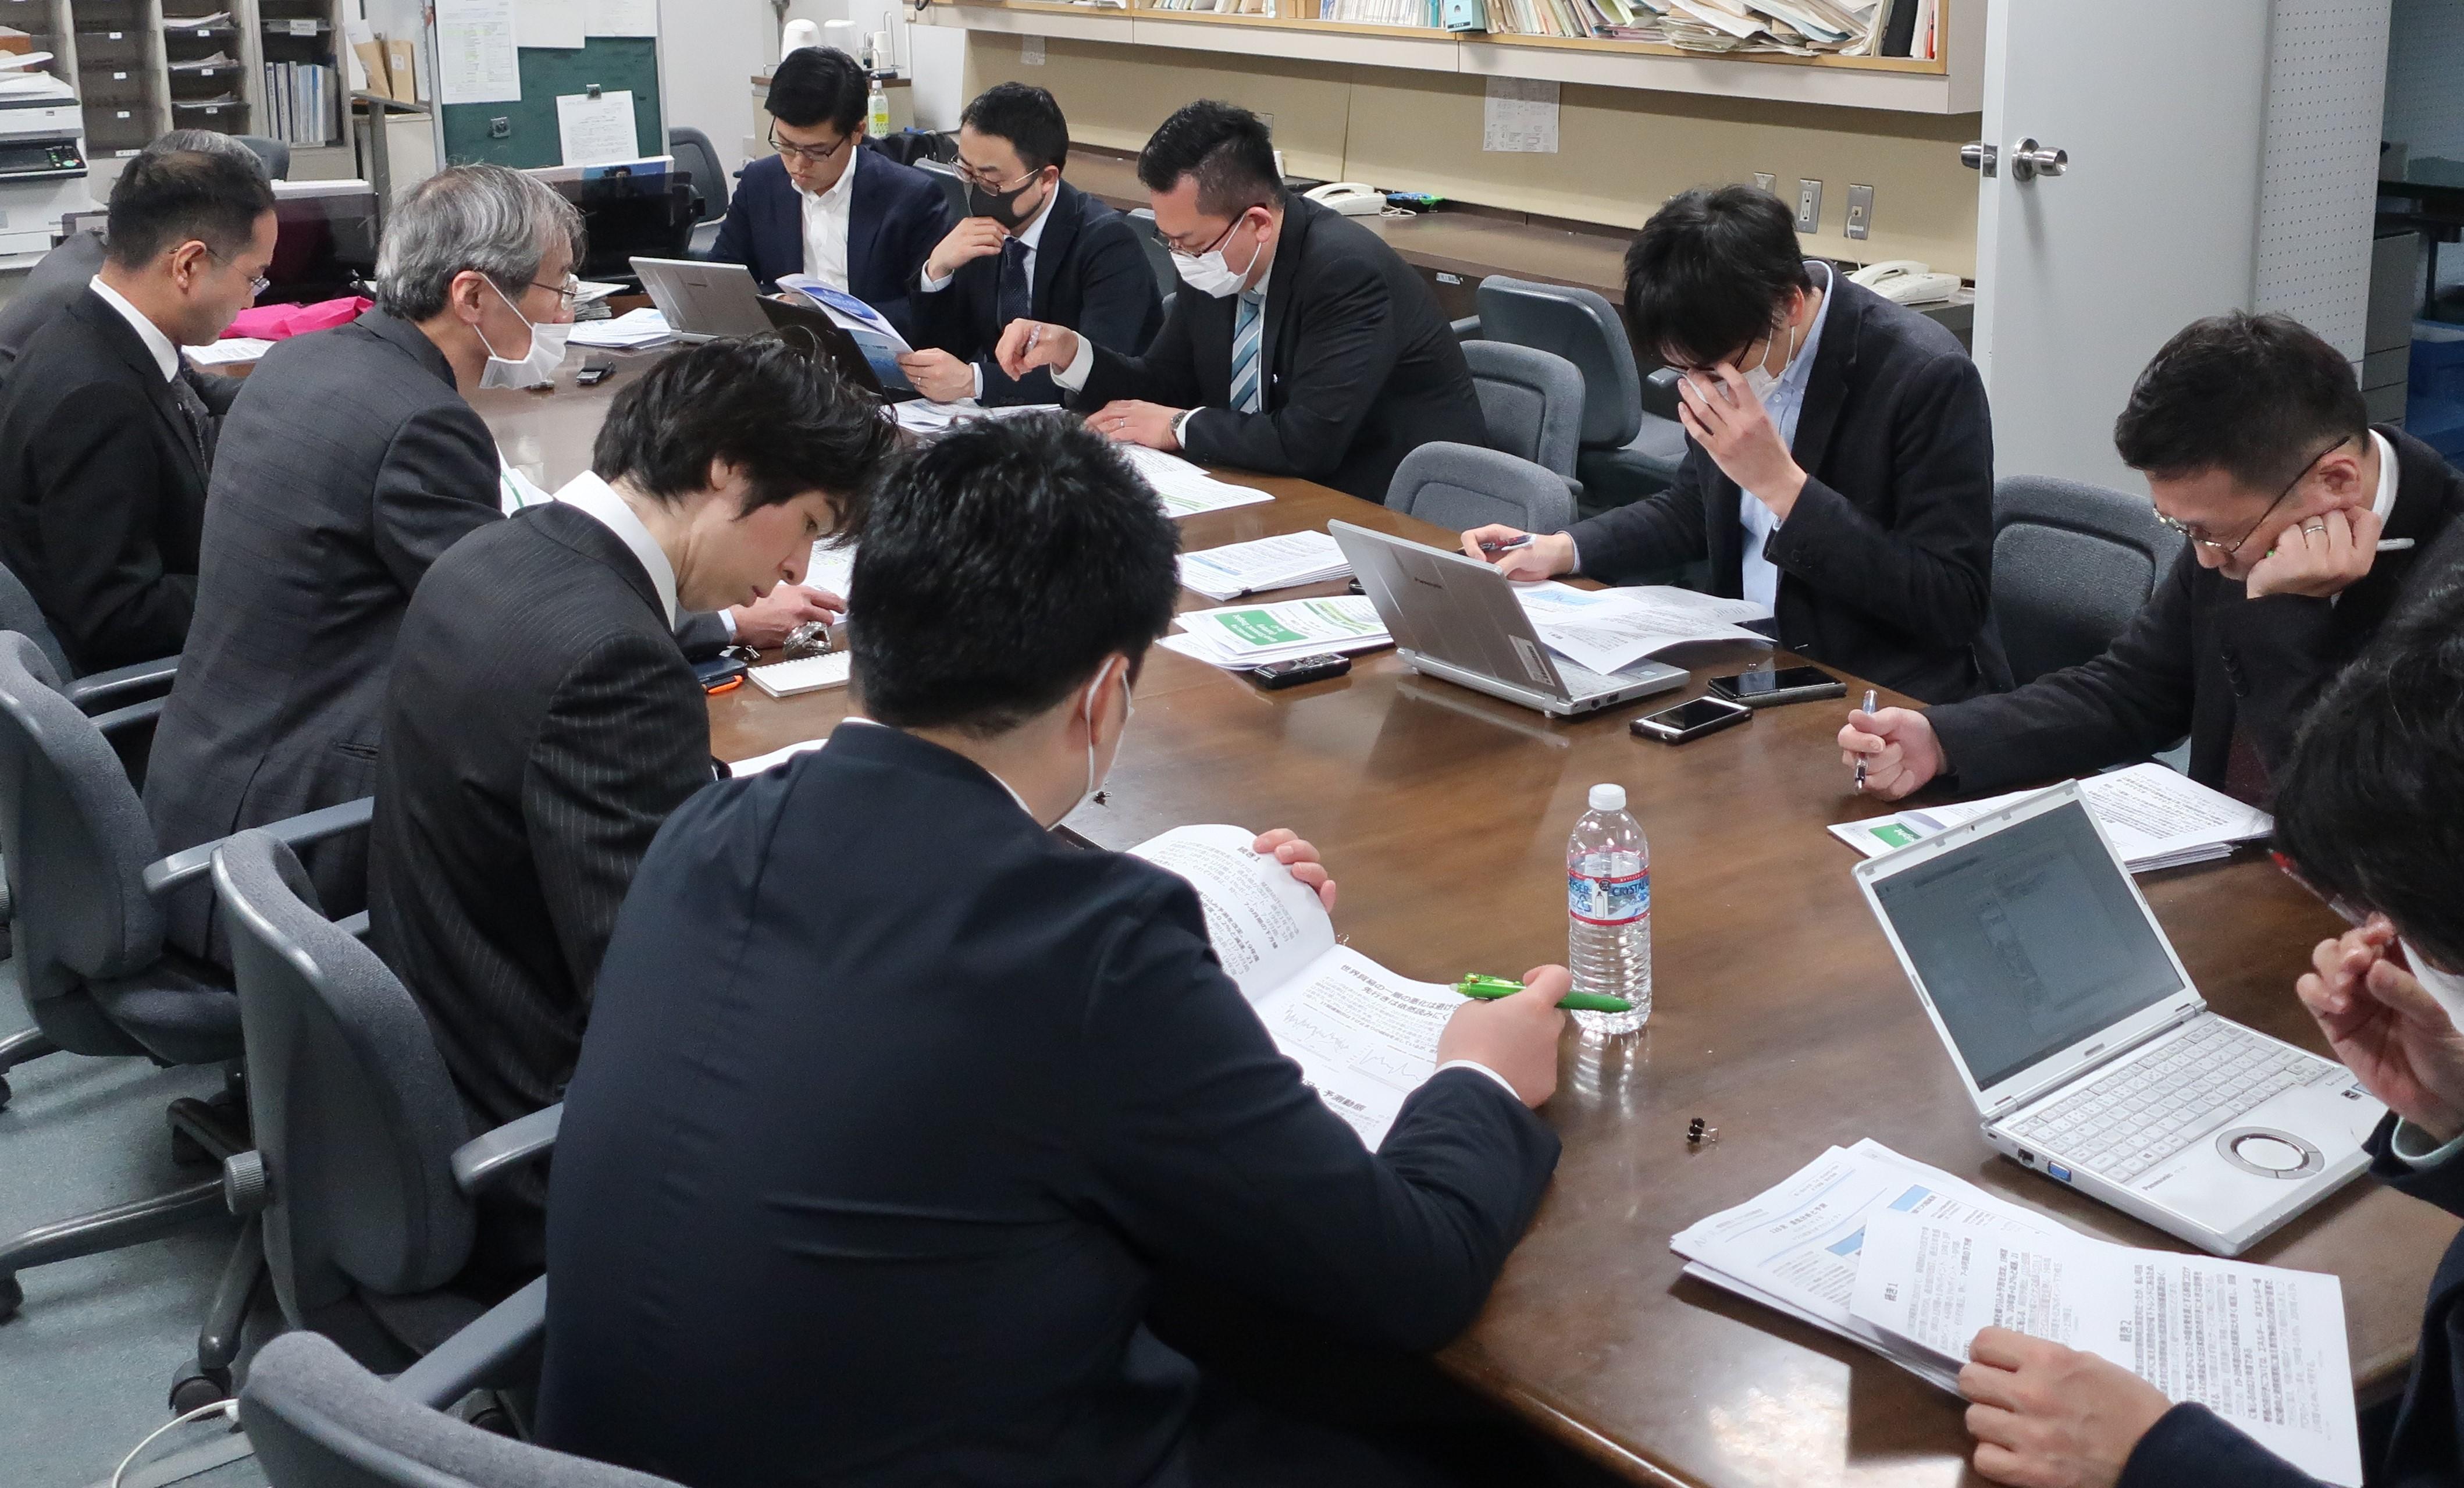 最新の2019・20年度関西経済見通しが掲載